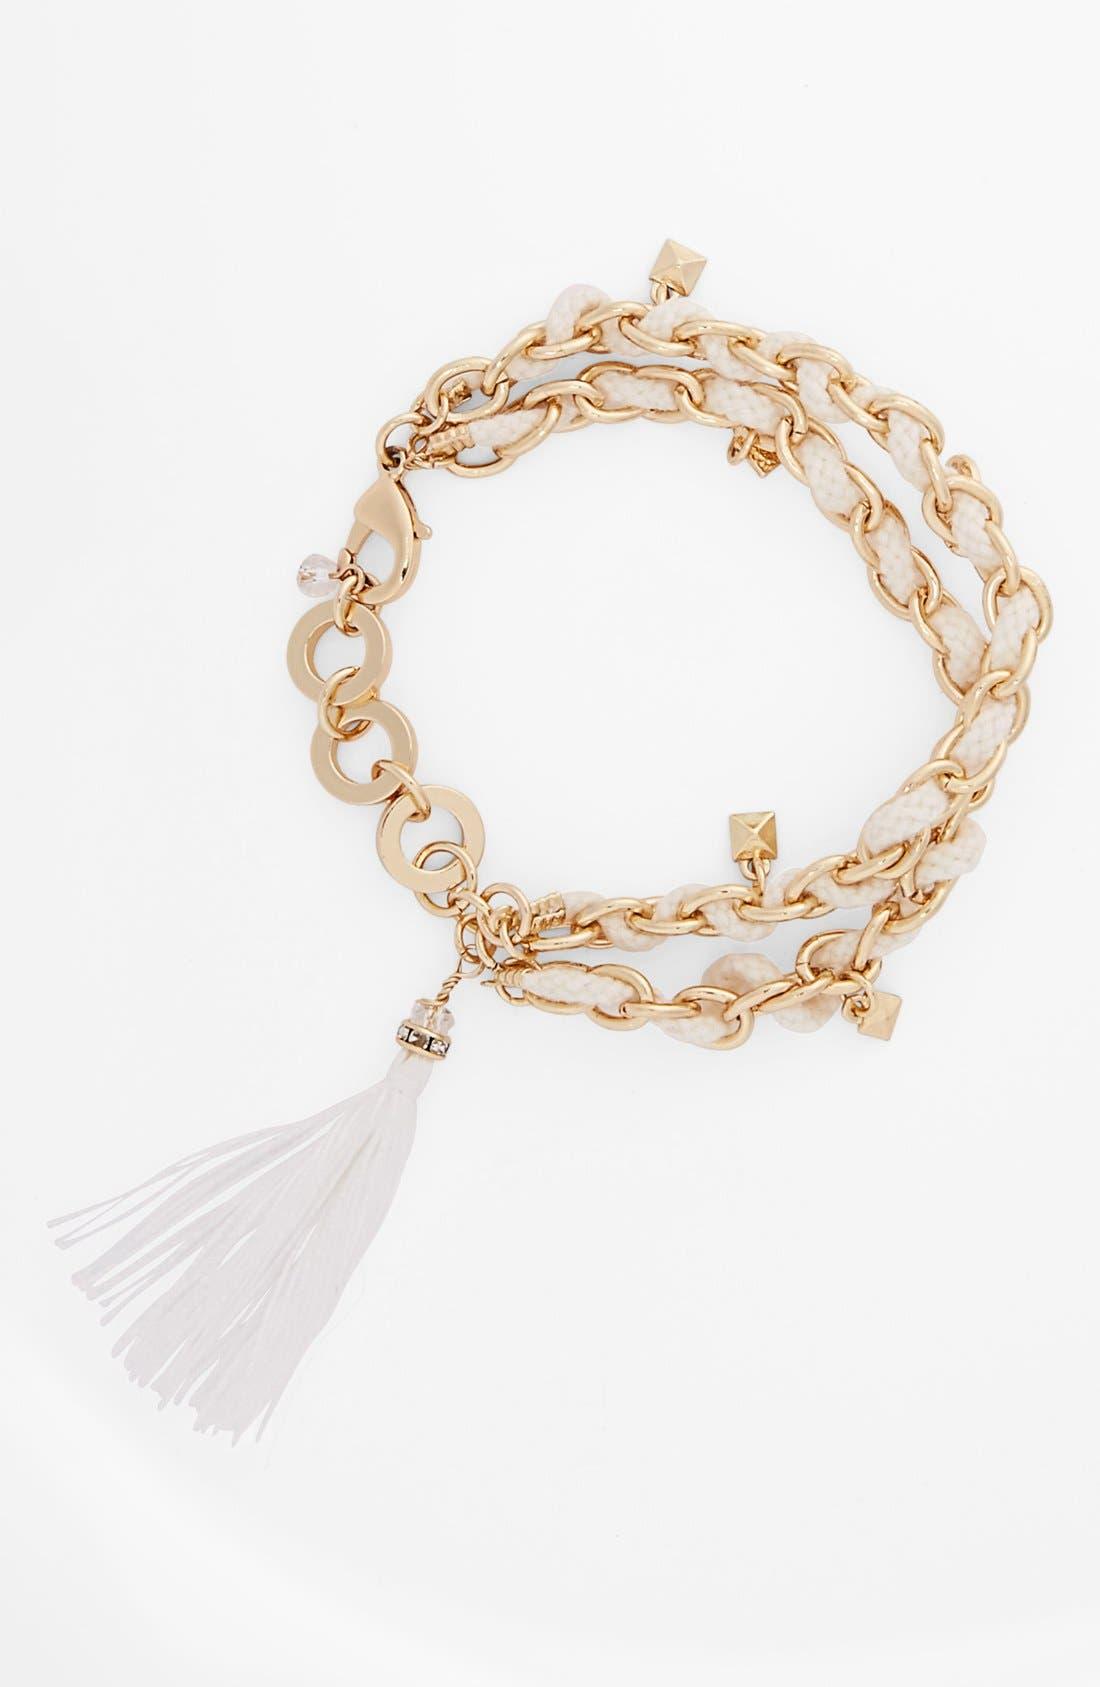 Alternate Image 1 Selected - Sequin Link & Rope Bracelet